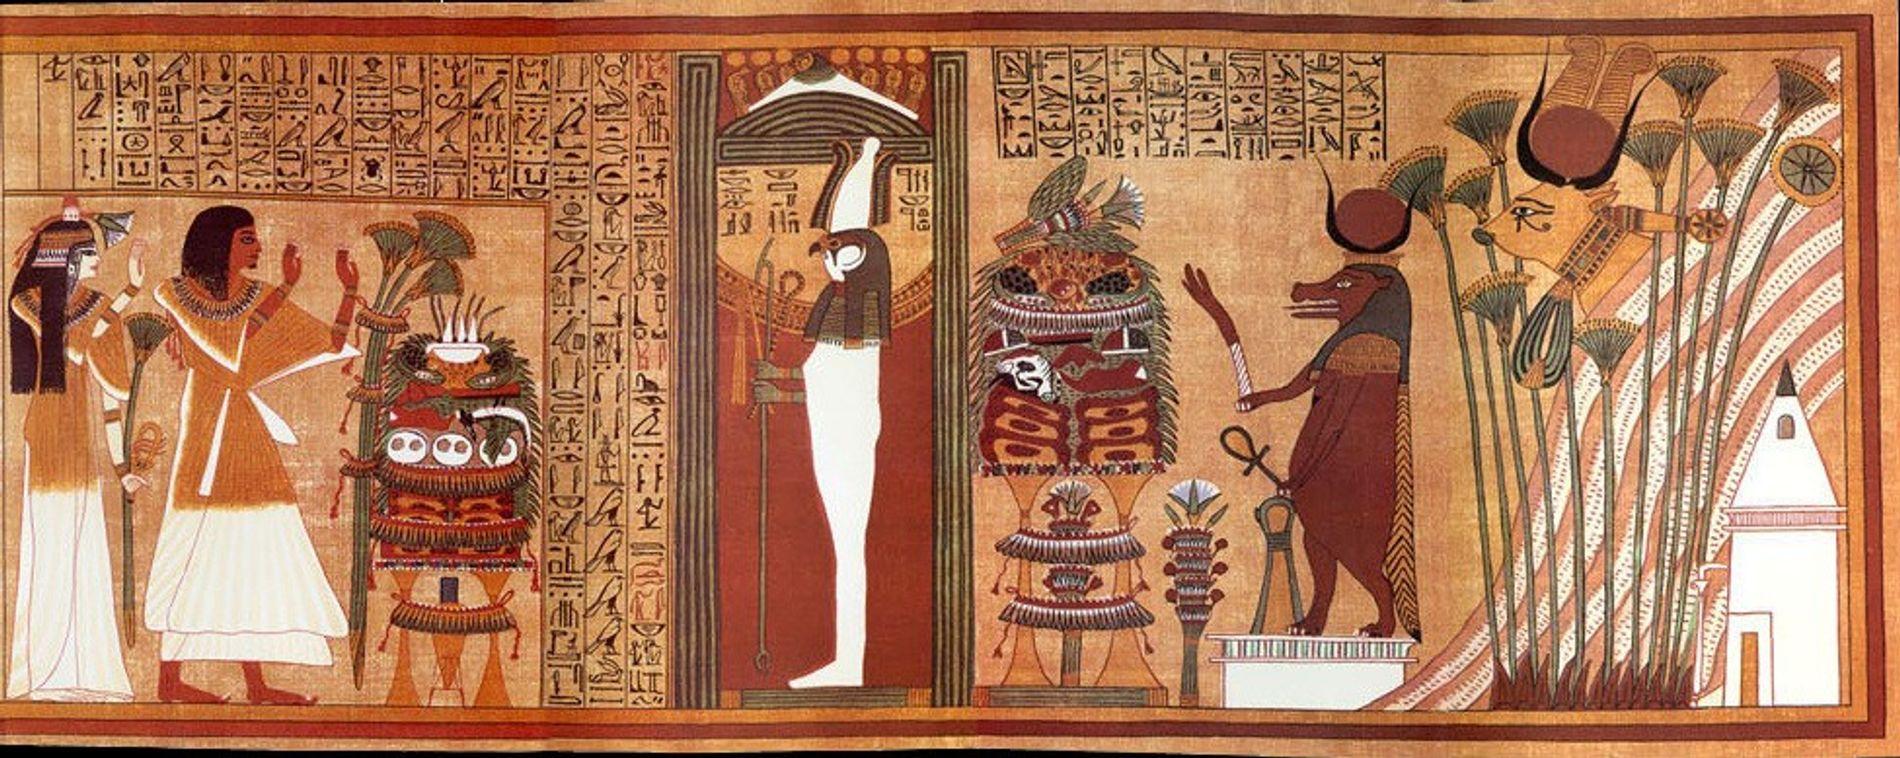 Papyrus d'Ani, vers 1200 avant notre ère (Nouvel Empire égyptien)